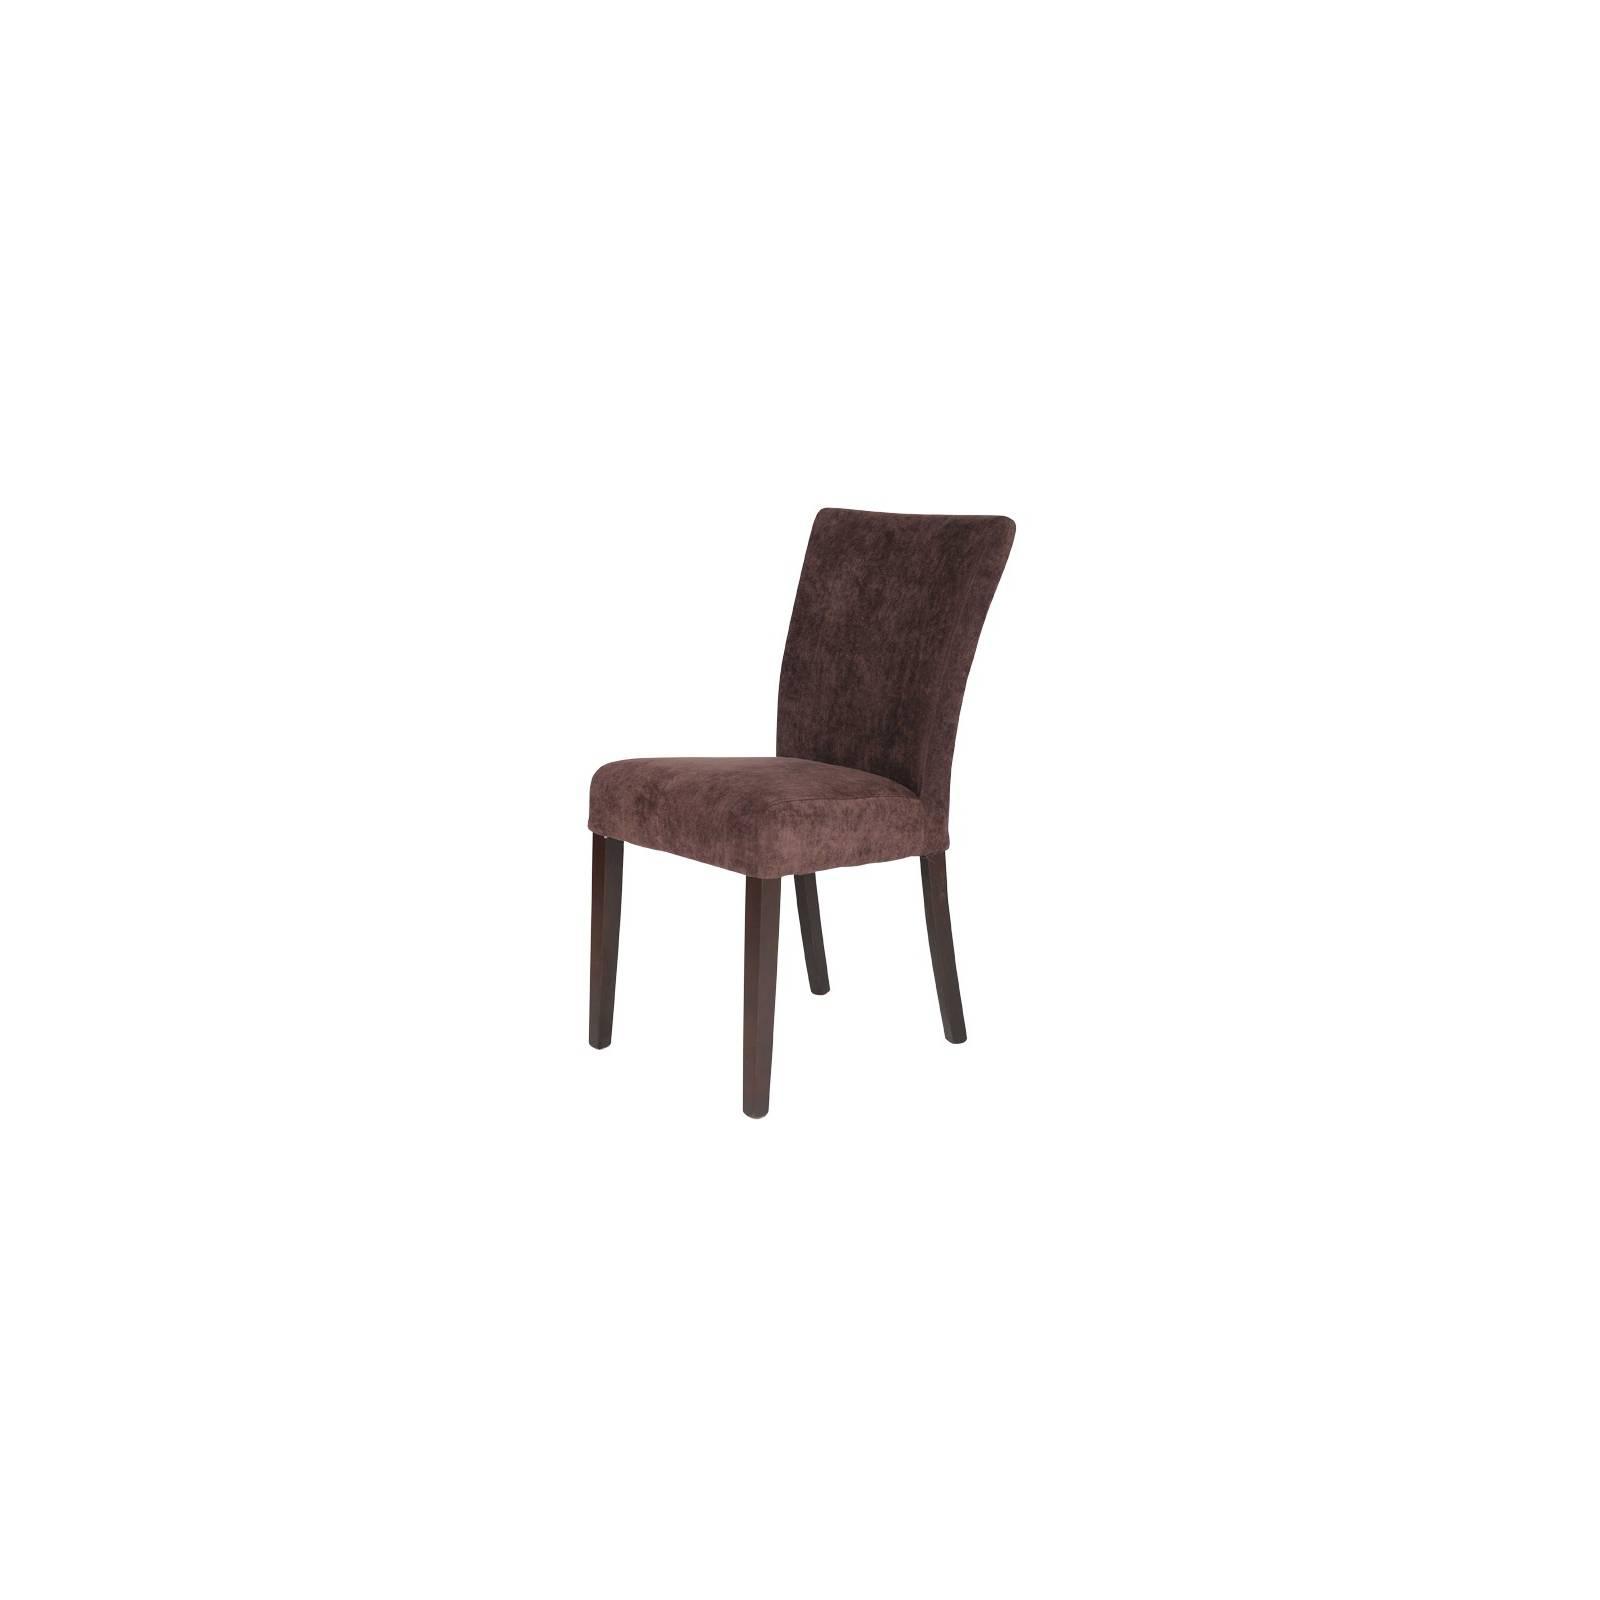 Chaise Sydney Chocolat Tissu - chaise design